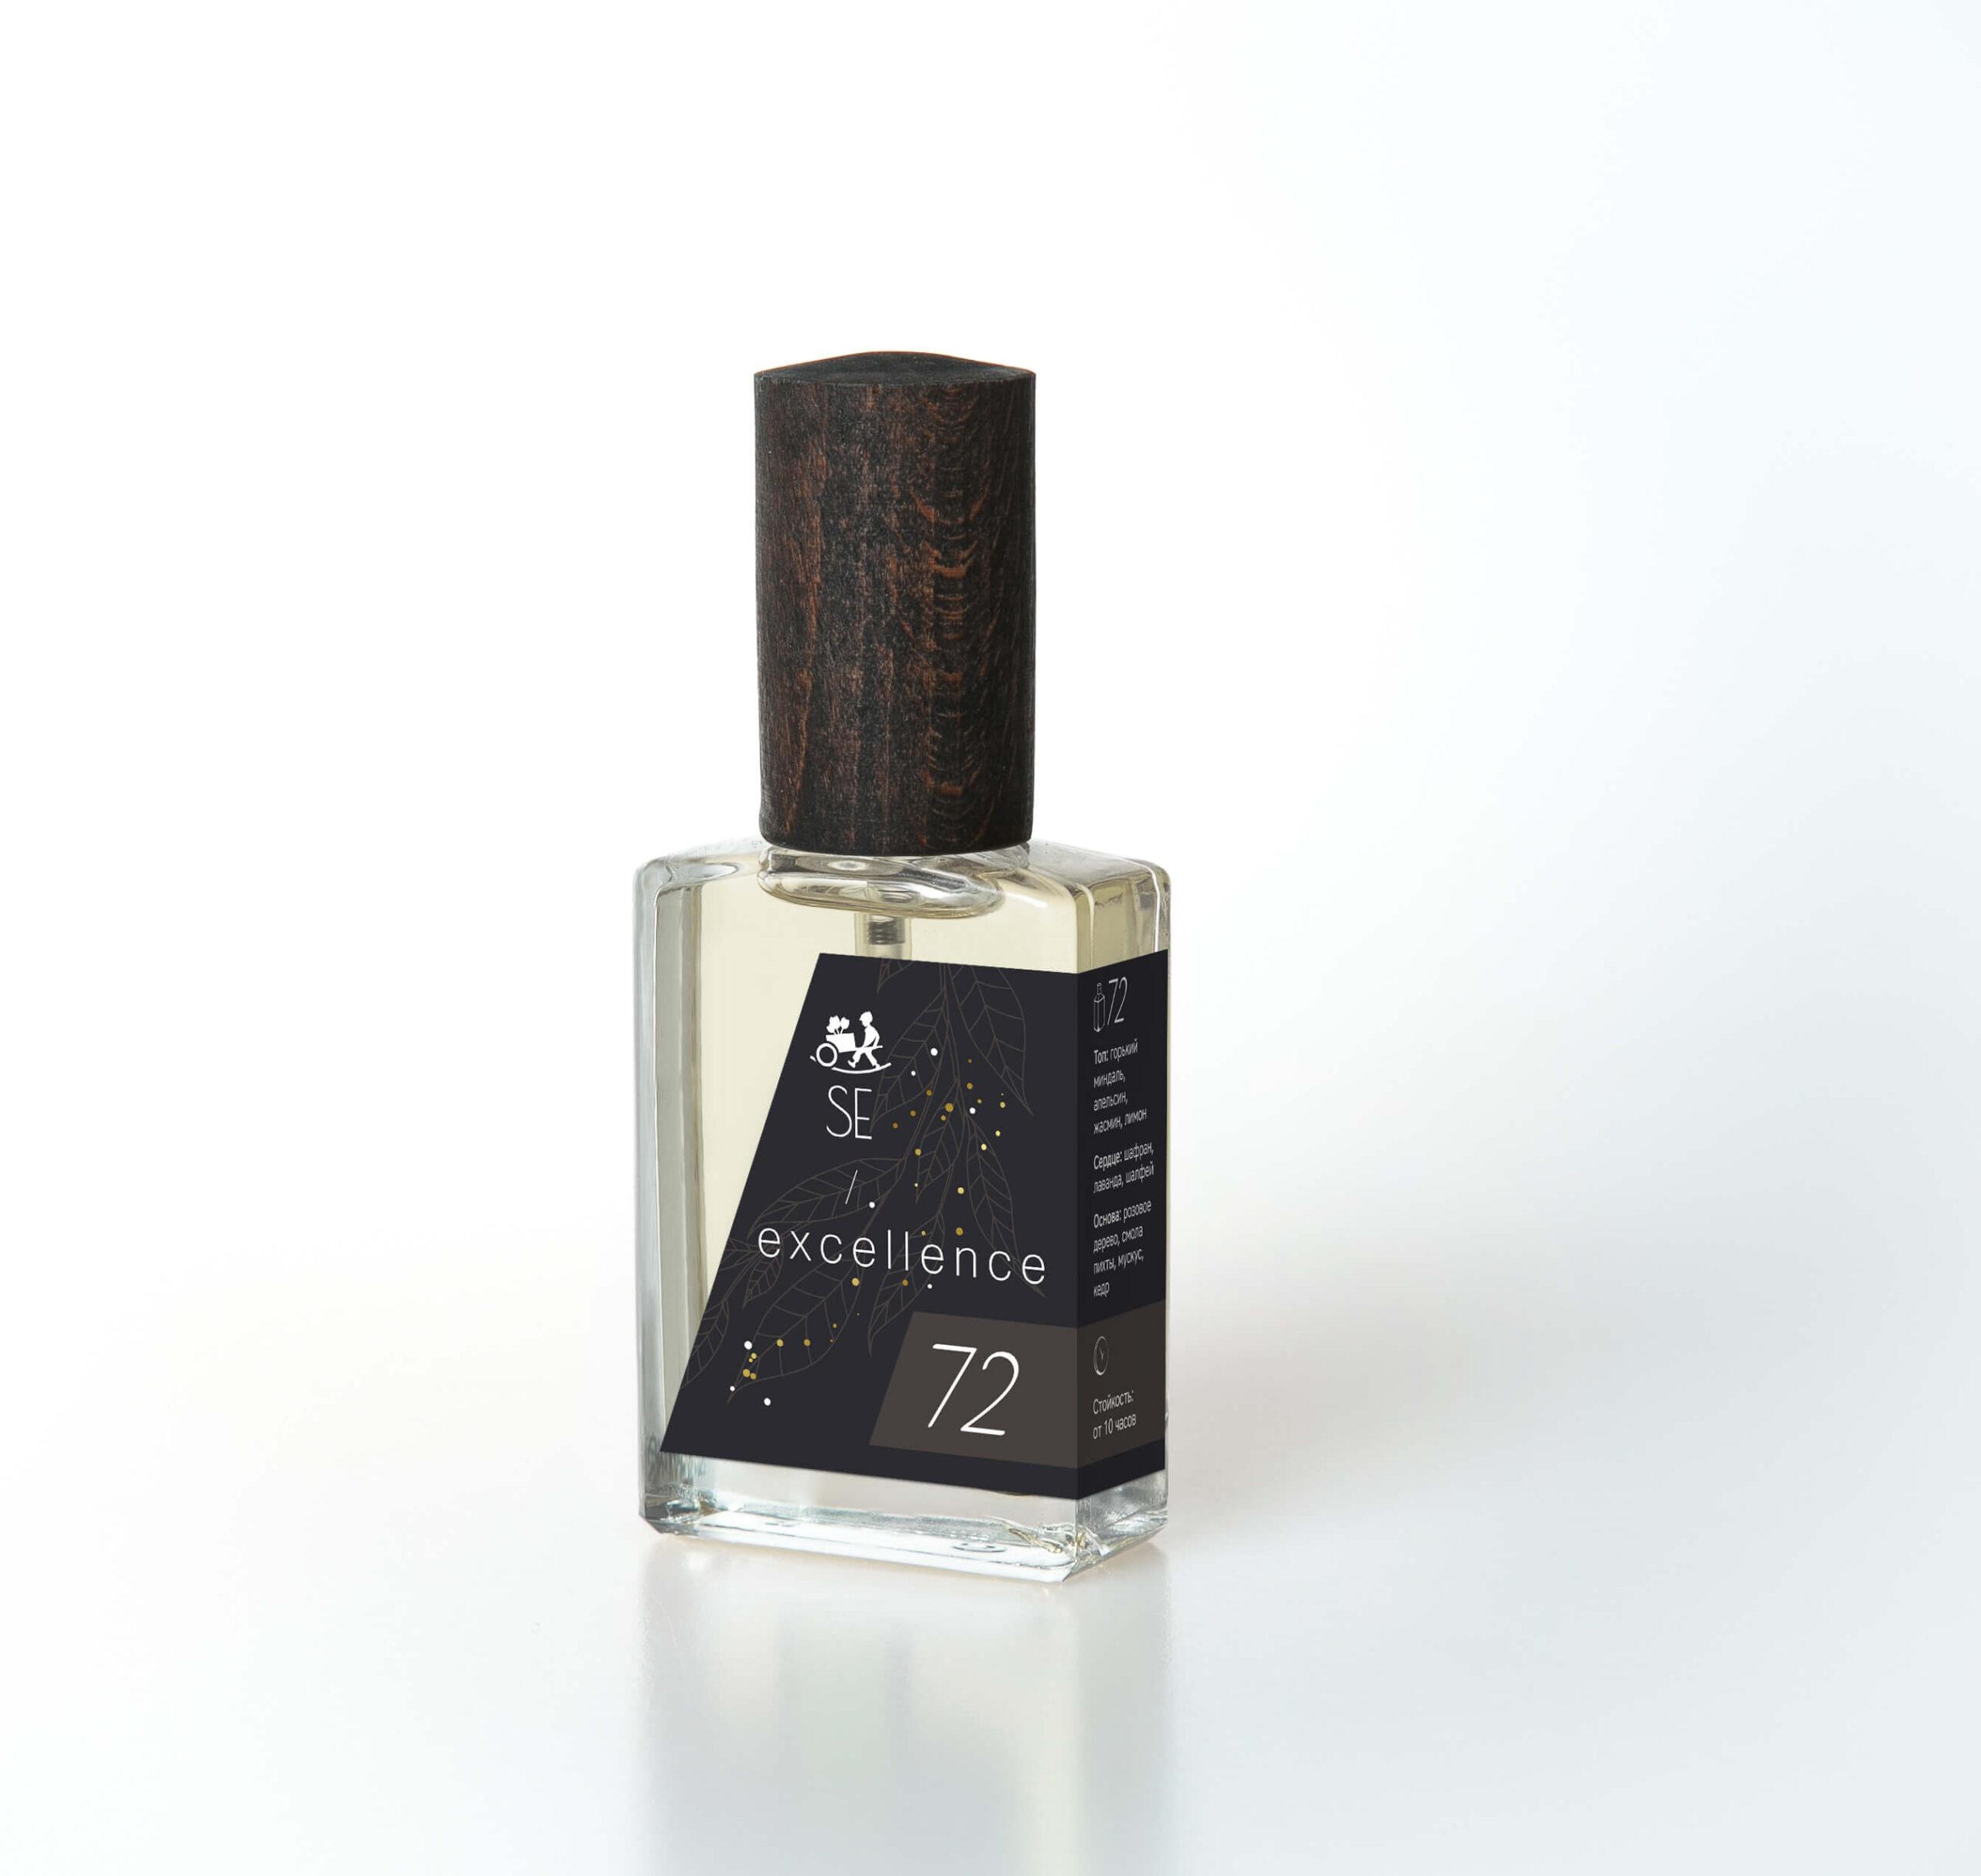 Этот парфюм звучит на вашей коже горьким миндалем и красным апельсином, лепестками французского жасмина, золотом шафрана и розовым деревом